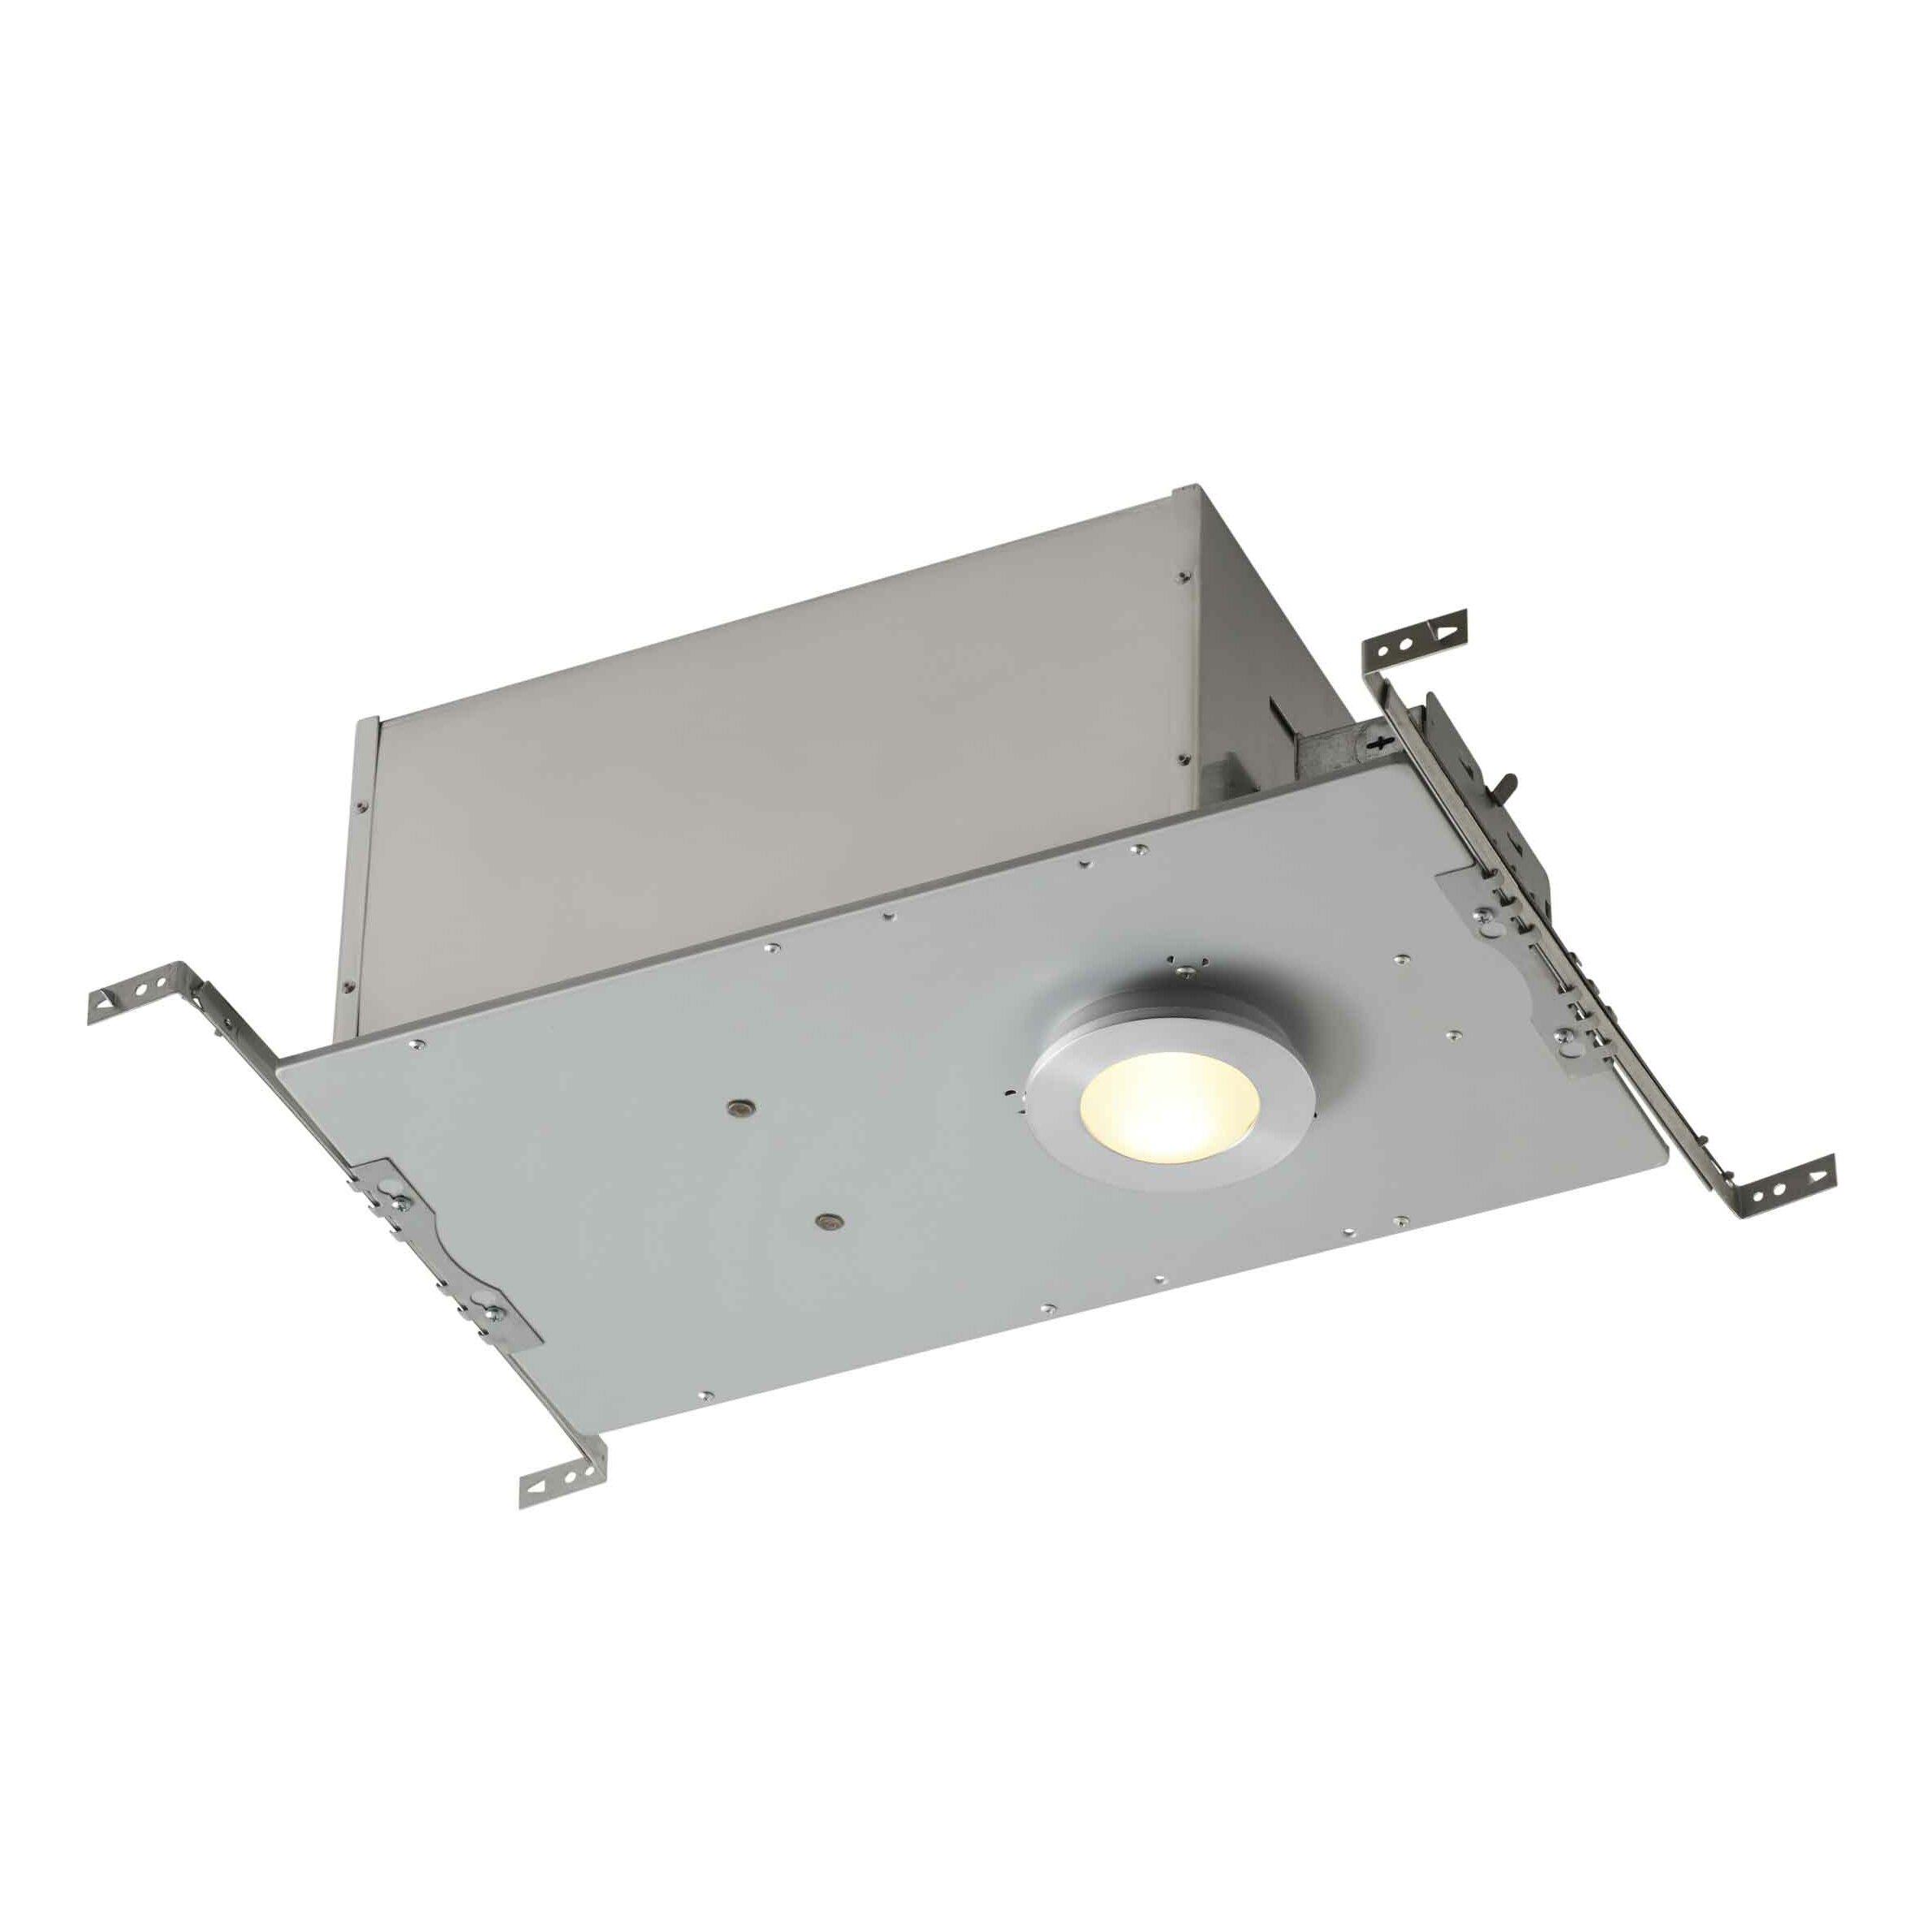 Kohler 3 813 Recessed Lighting Kit